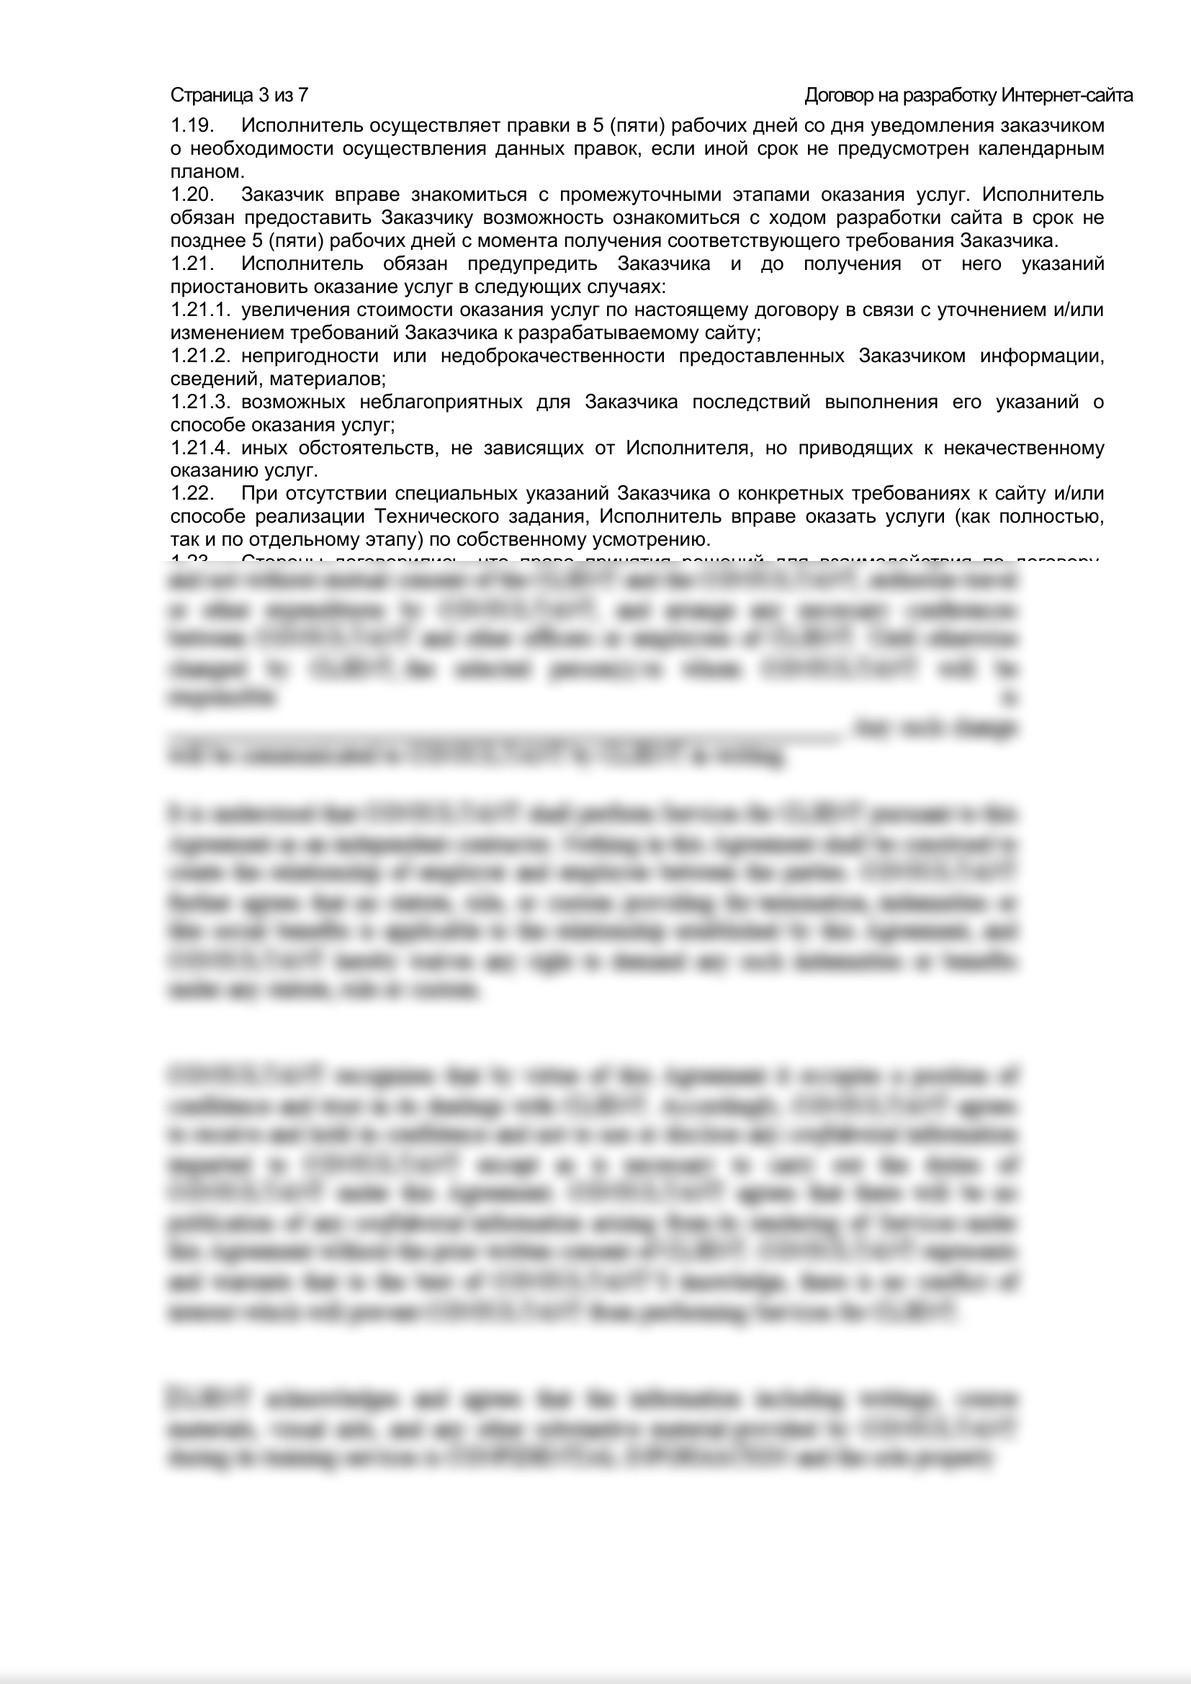 Шаблон договора на разработку Интернет-сайта-2